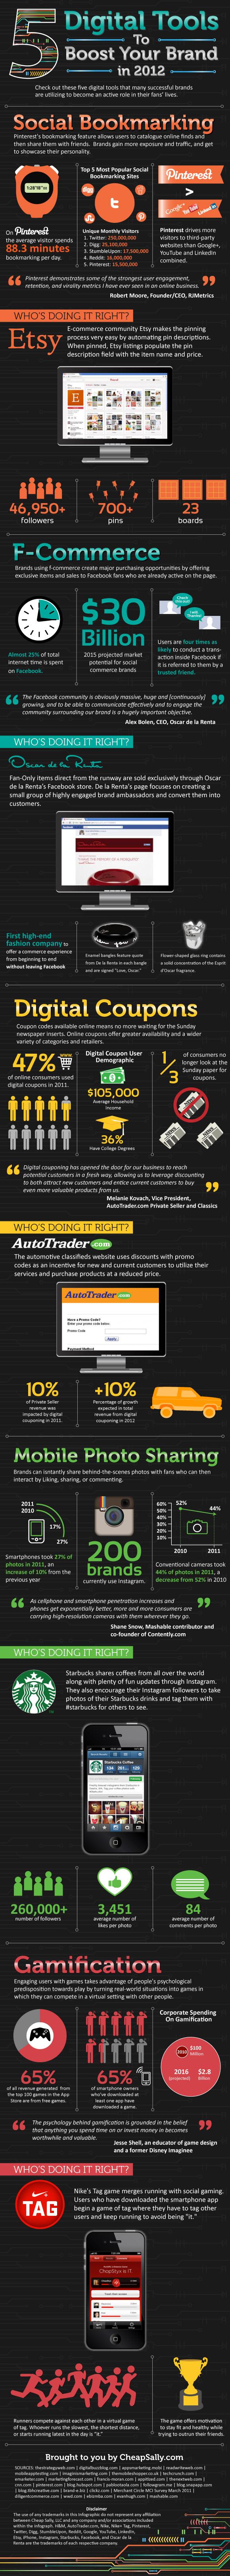 2012'de Markanızın Değerini Artırmak İçin Kullanacağınız 5 Dijital Araç